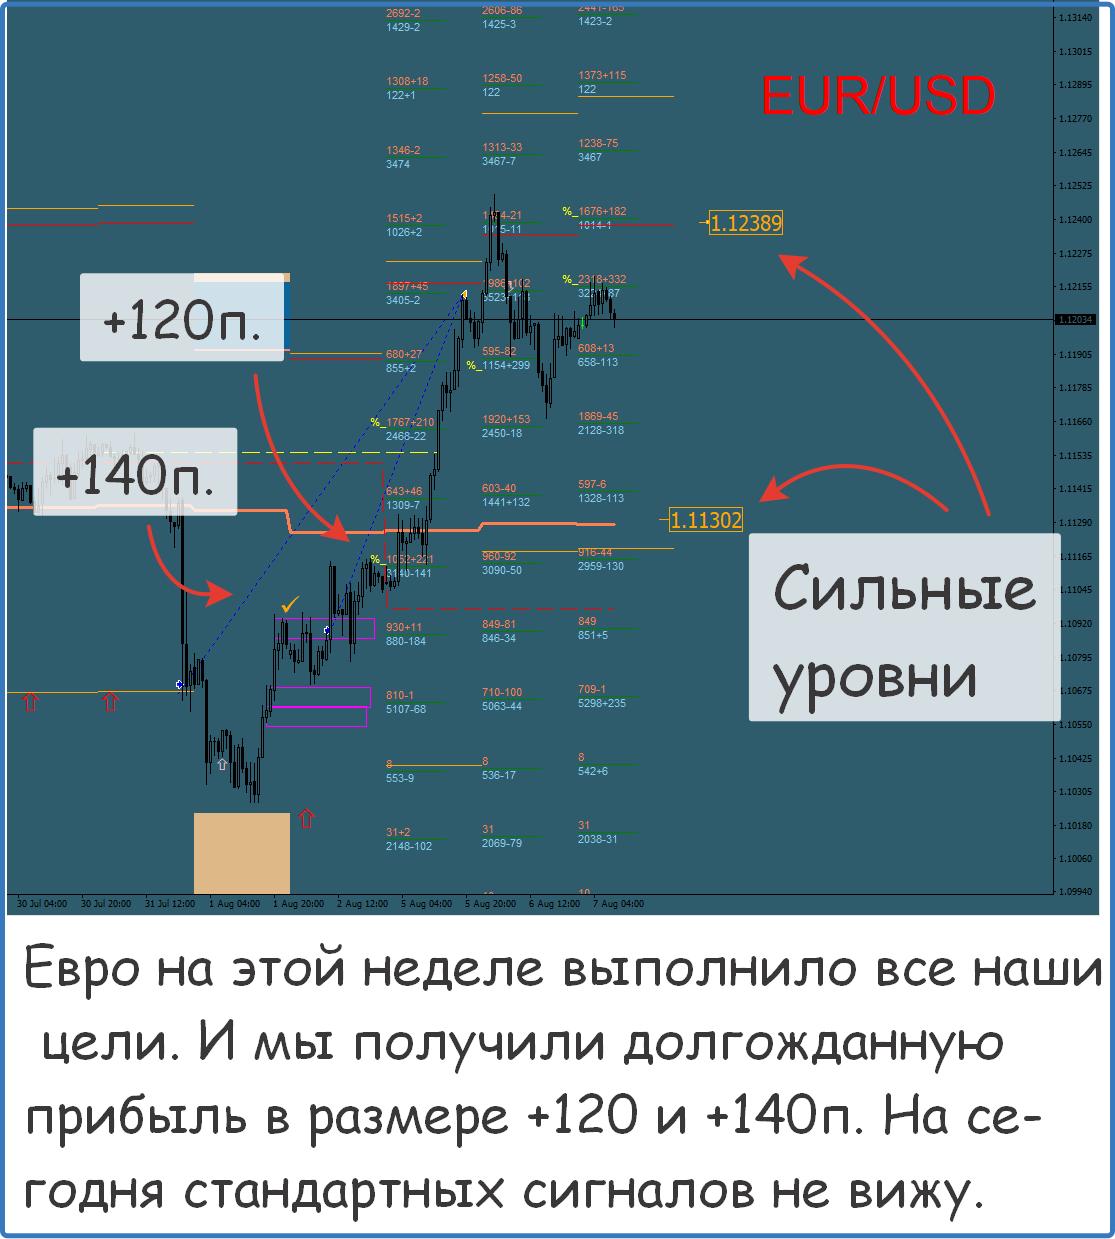 Сайт гуру форекс 2048 заработать биткоины